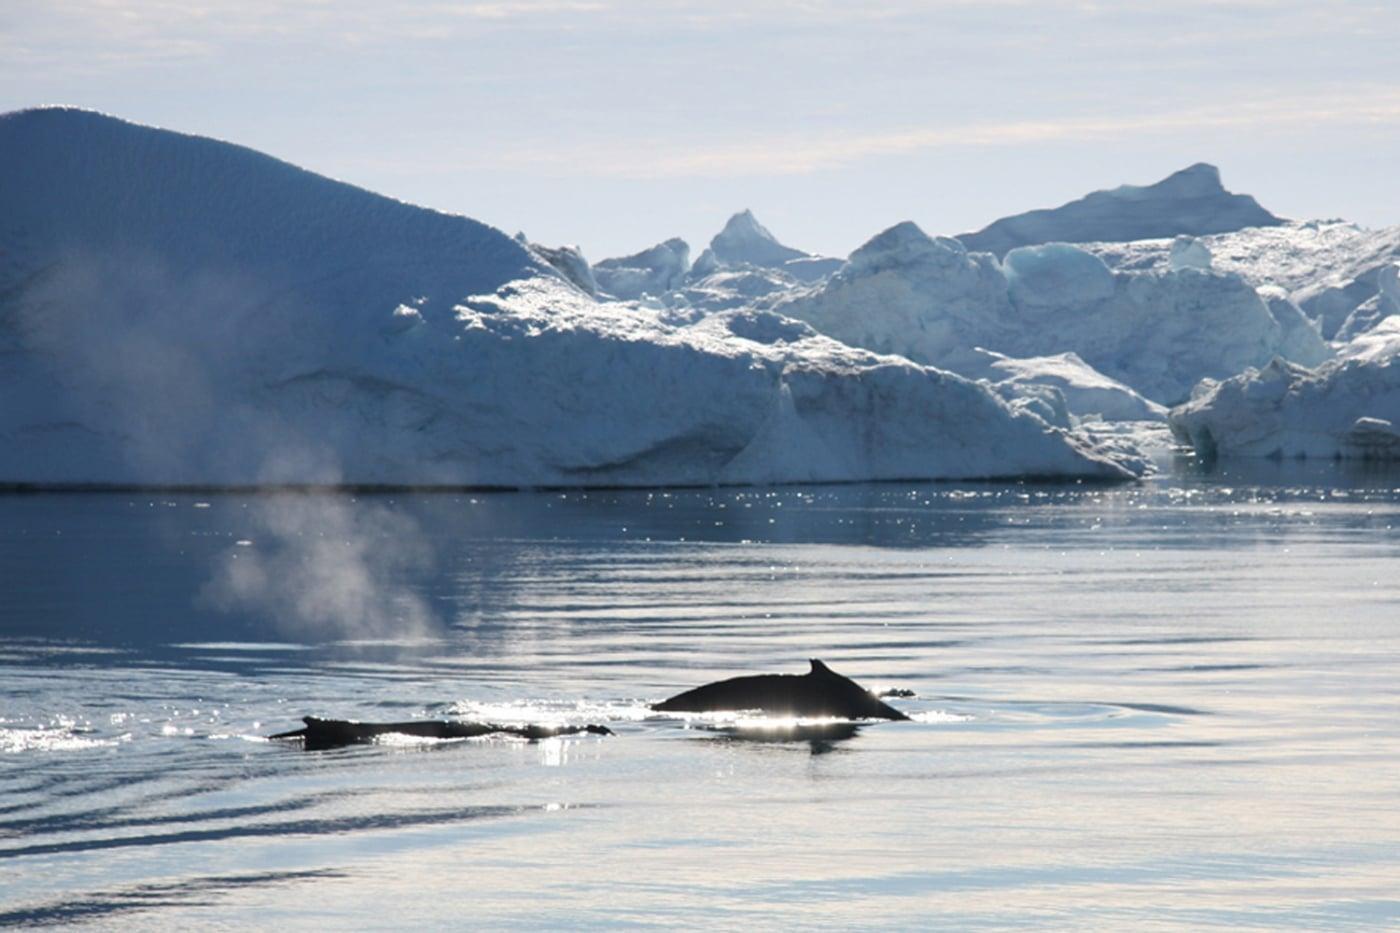 Grönlandsresor: Kajakfahren zwischen Walen und Eisbergen